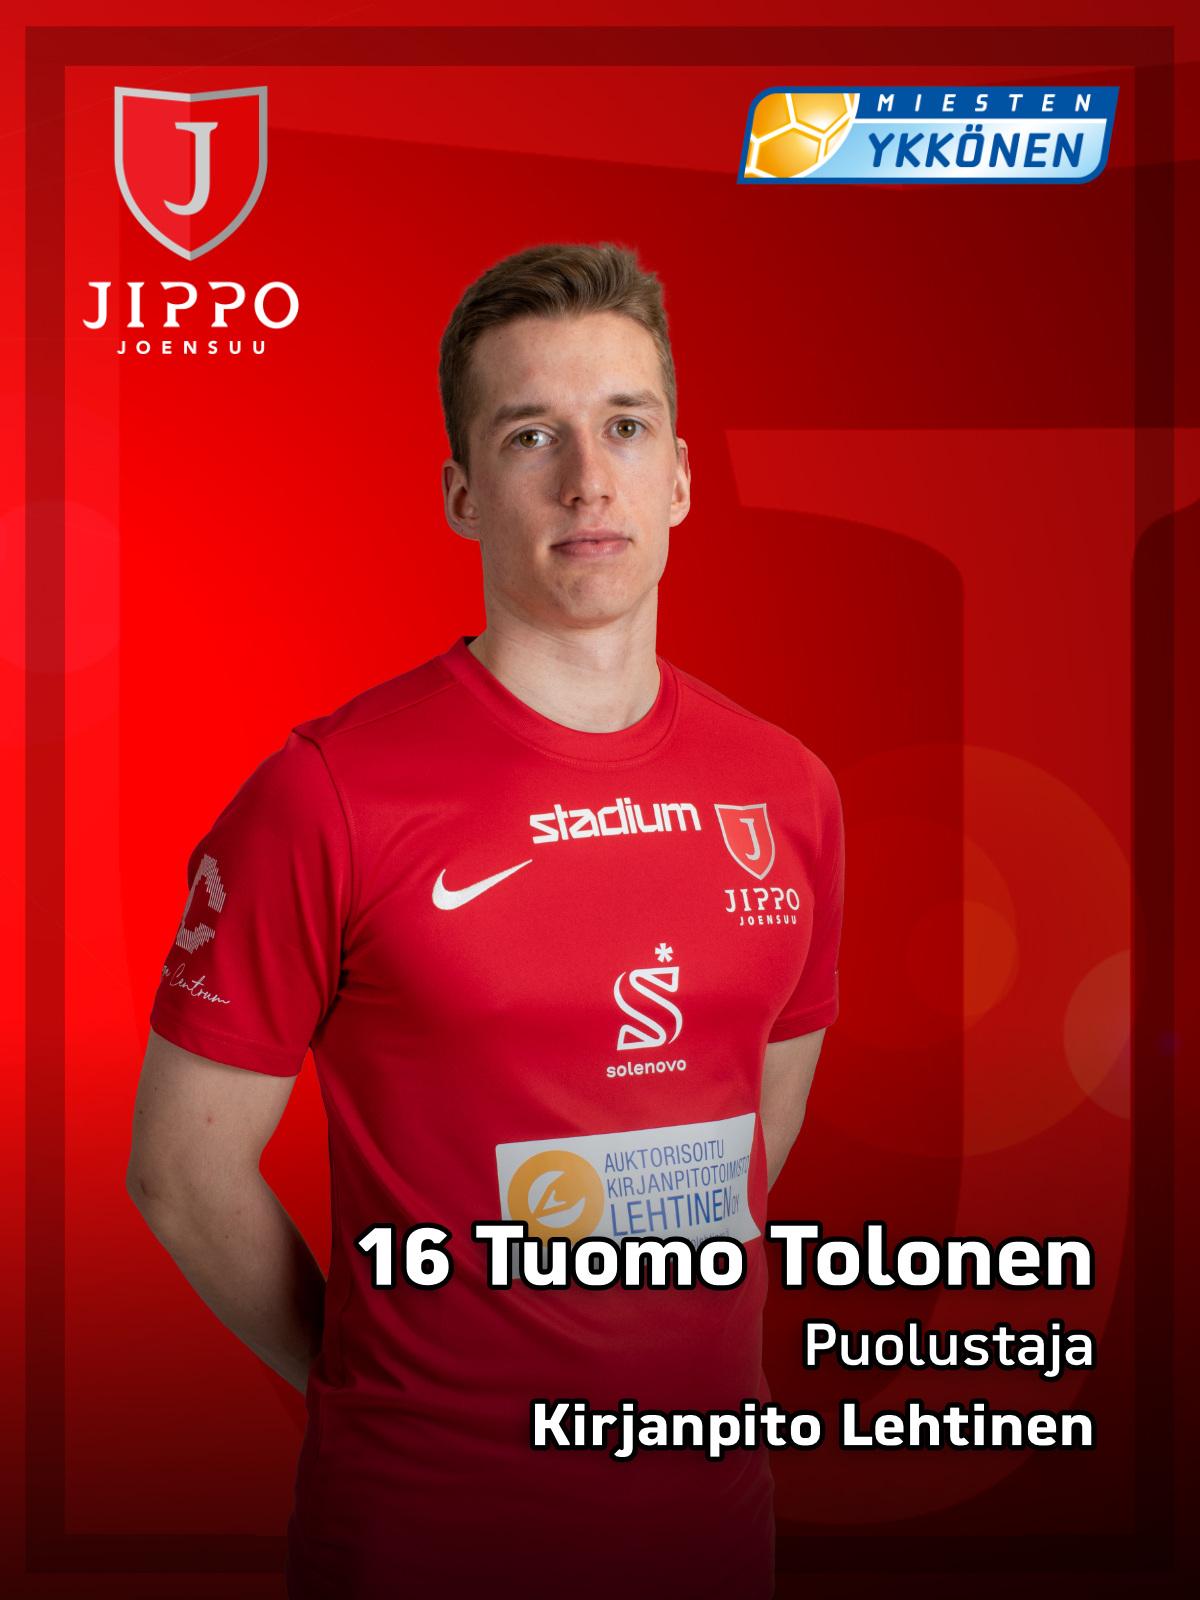 16 Tuomo Tolonen